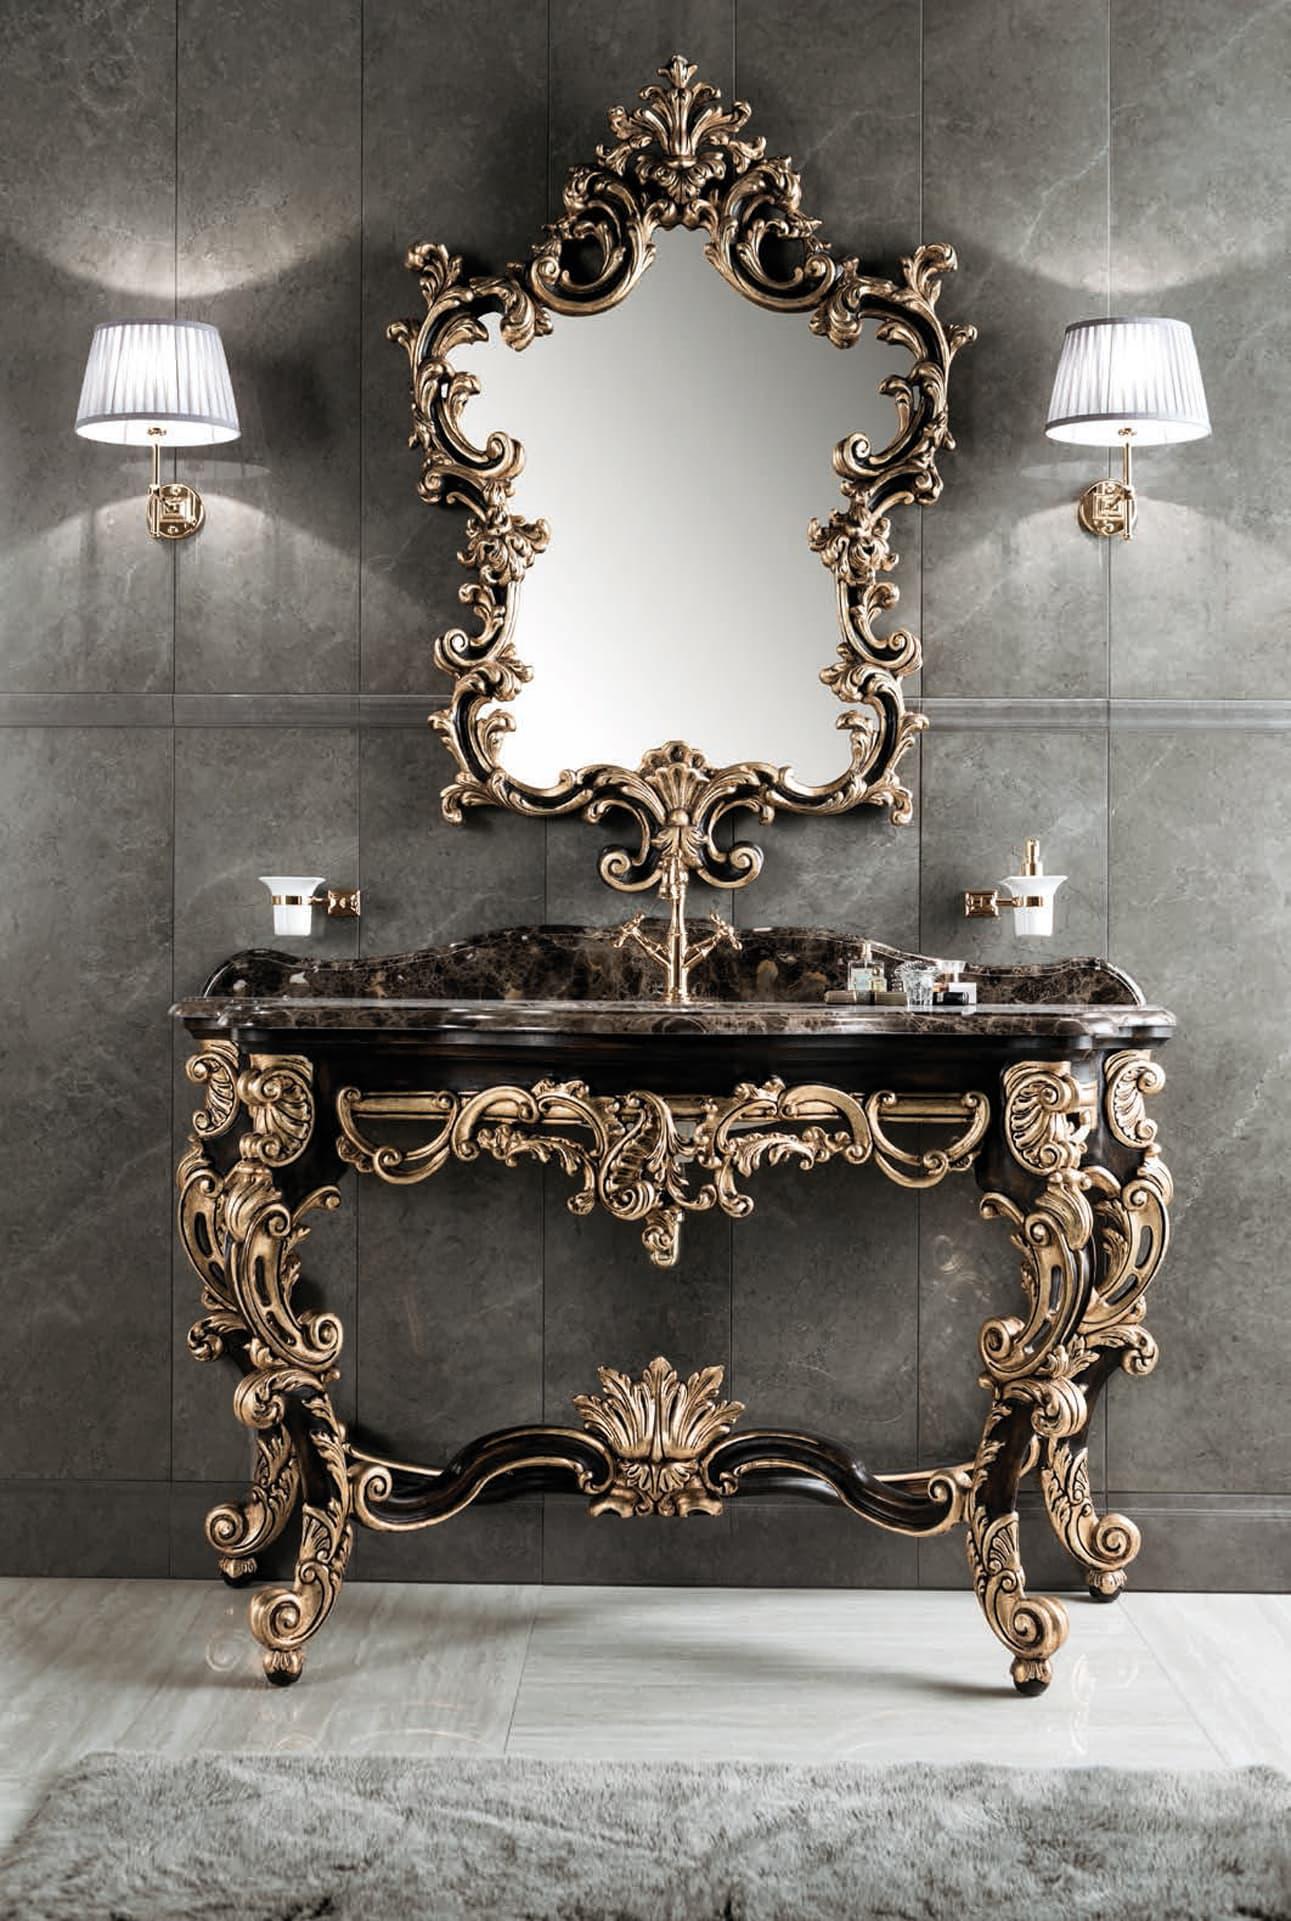 Mobili in legno bagno di lusso - legno intarsiato oro e marmo